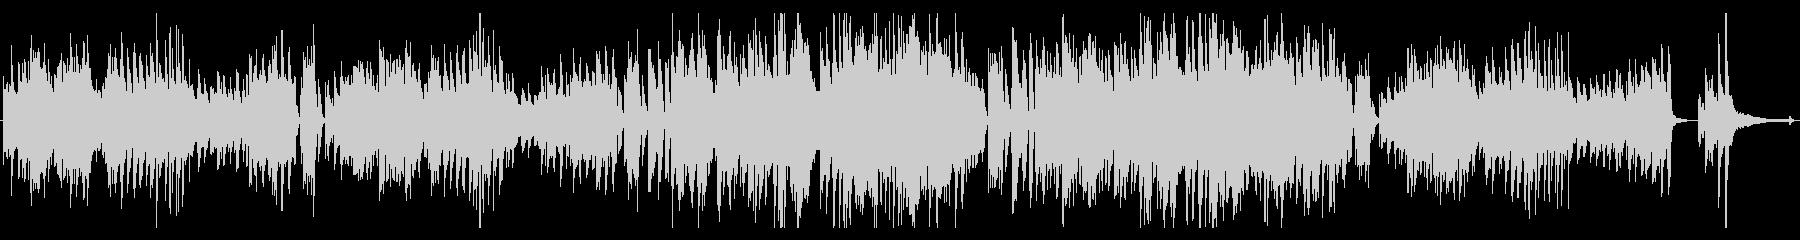 ソロピアノ。ラグタイム。の未再生の波形